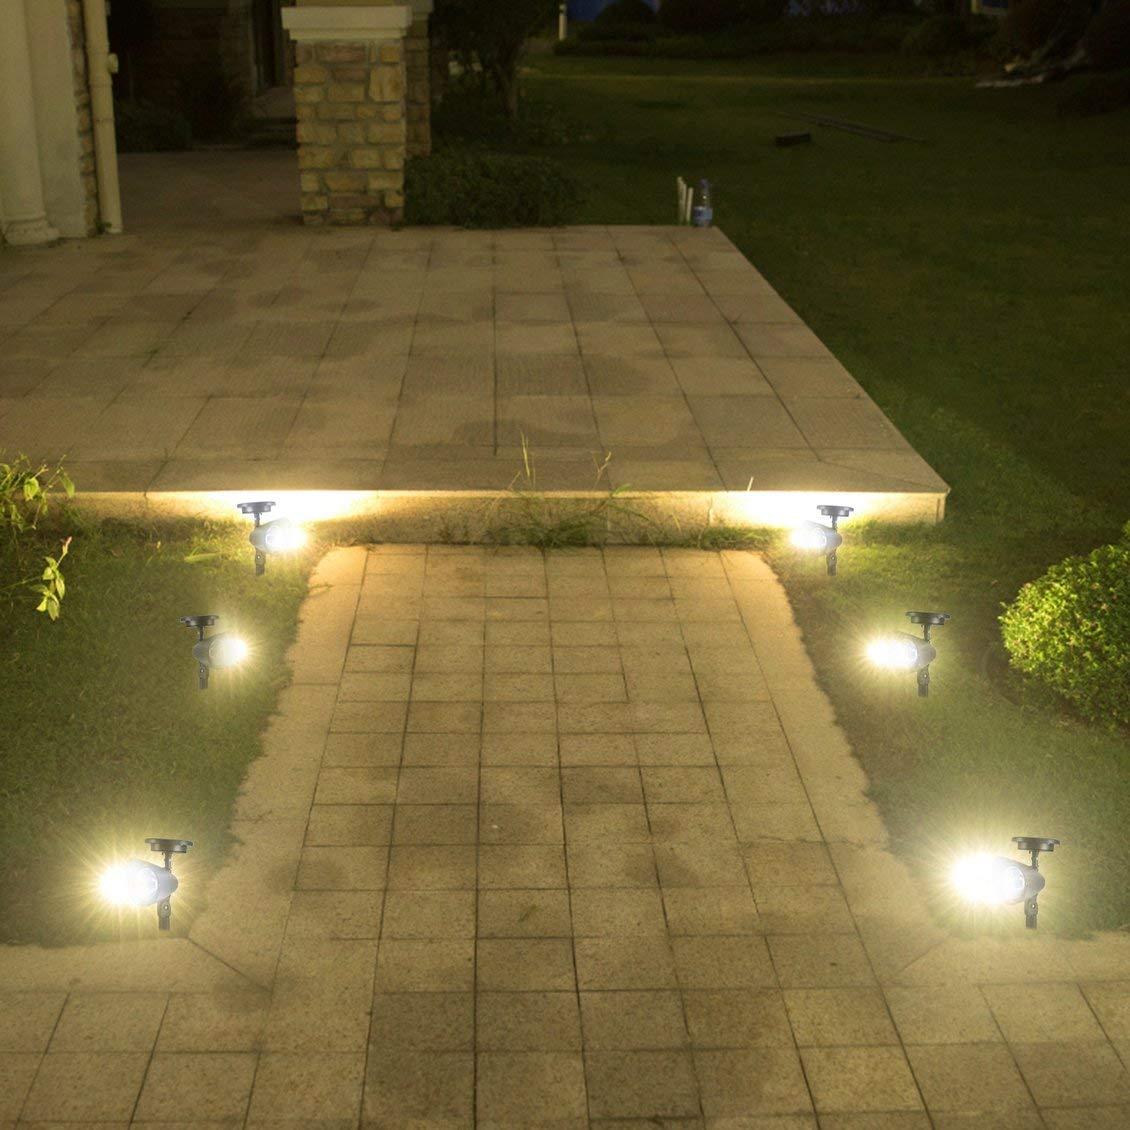 fghdfdhfdgjhh 3 LED Alimentado por energía Solar Foco LED Jardín al Aire Libre Paisaje Césped Patio Patio Solar Luz de lámpara Automático Encendido: Amazon.es: Hogar